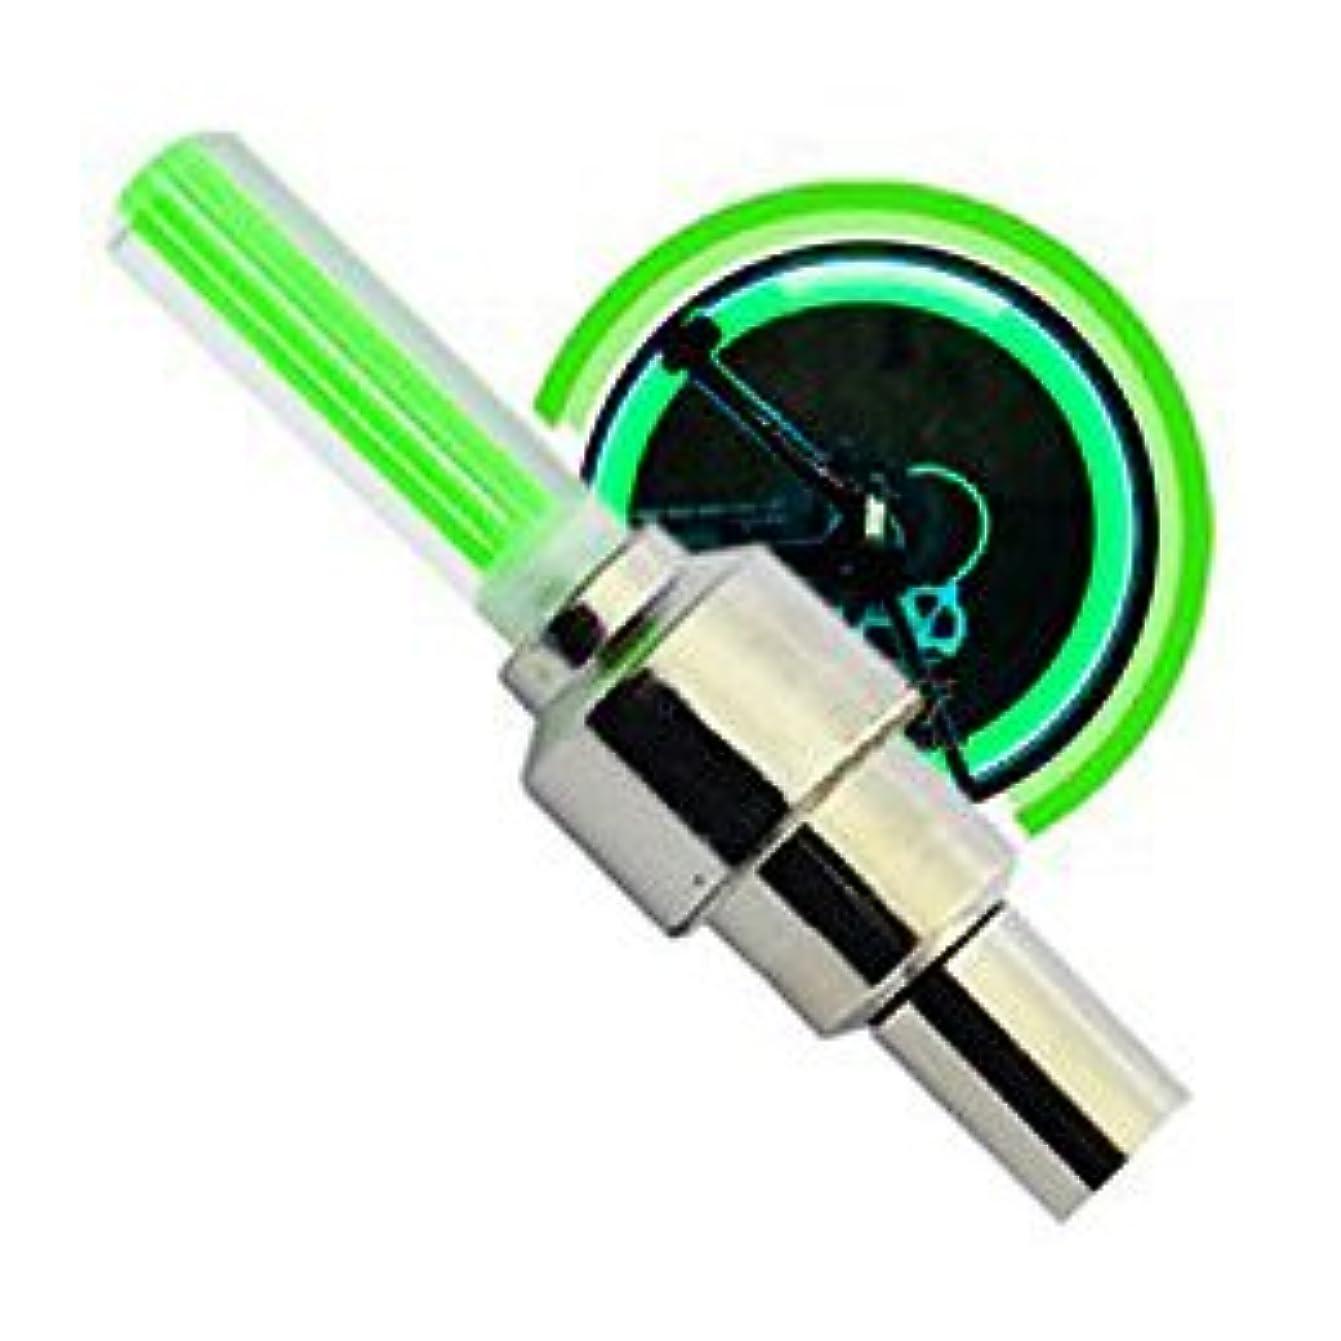 落ち着いた省略するいらいらする【まとめ 2セット】 ITPROTECH LED バルブエアーキャップ/グリーン YT-LEDCAP/GR